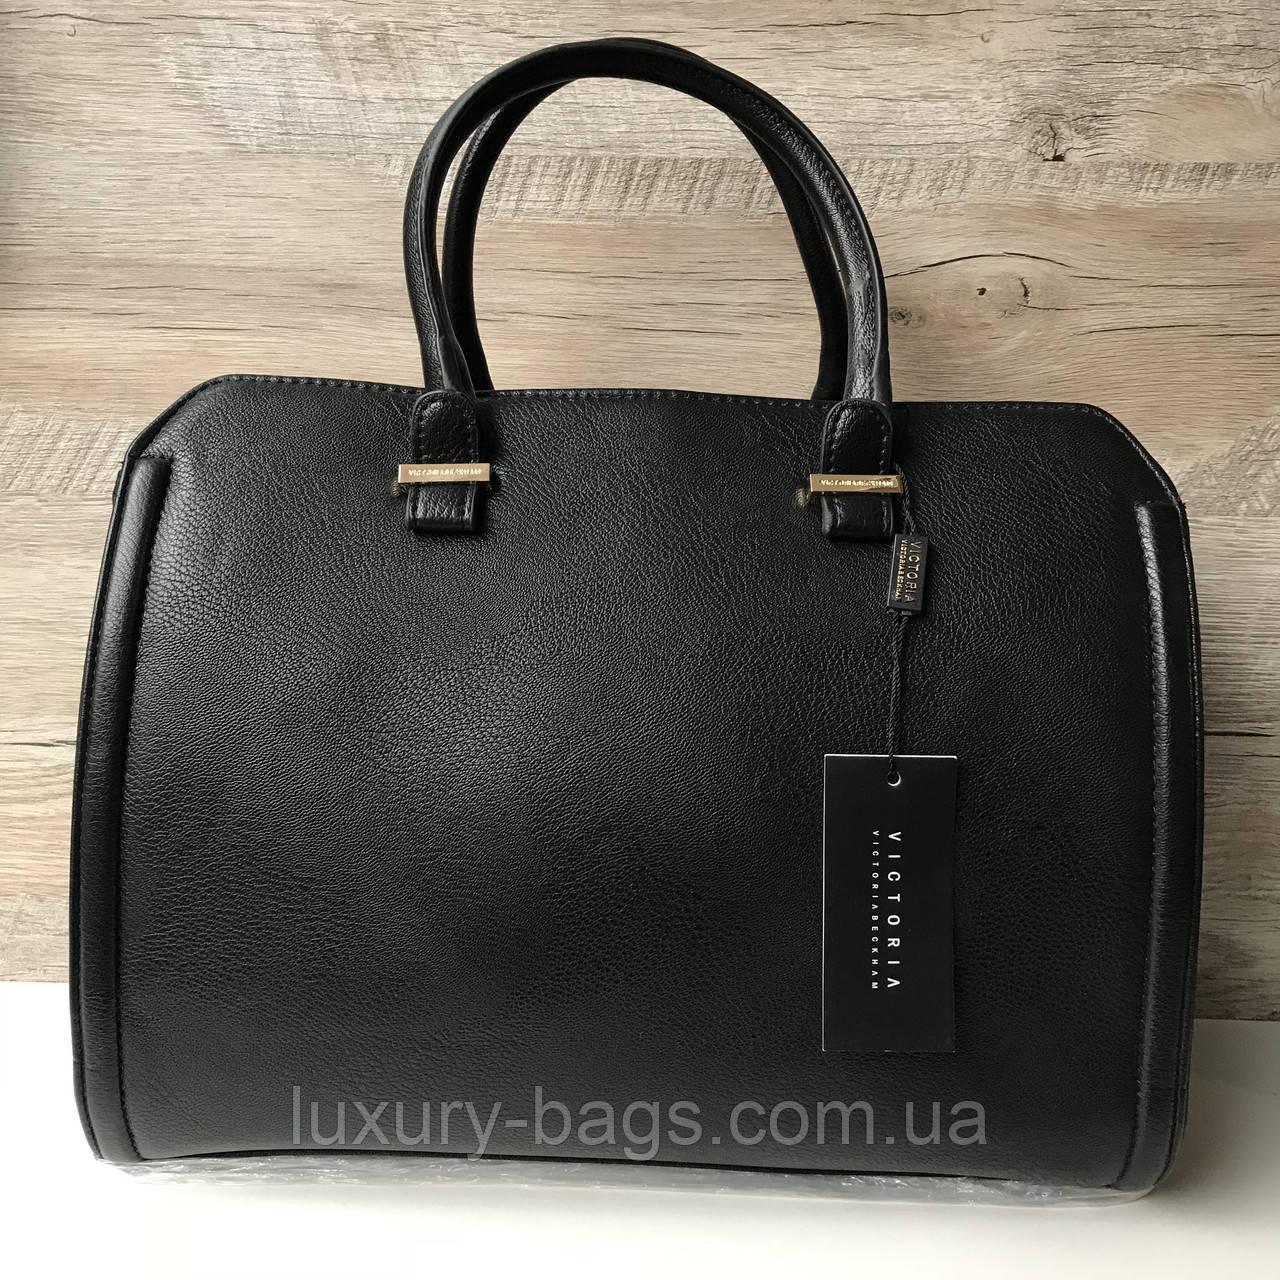 471ac4d372c4 Женская сумка Victoria Beckham: продажа, цена в Одессе. женские ...